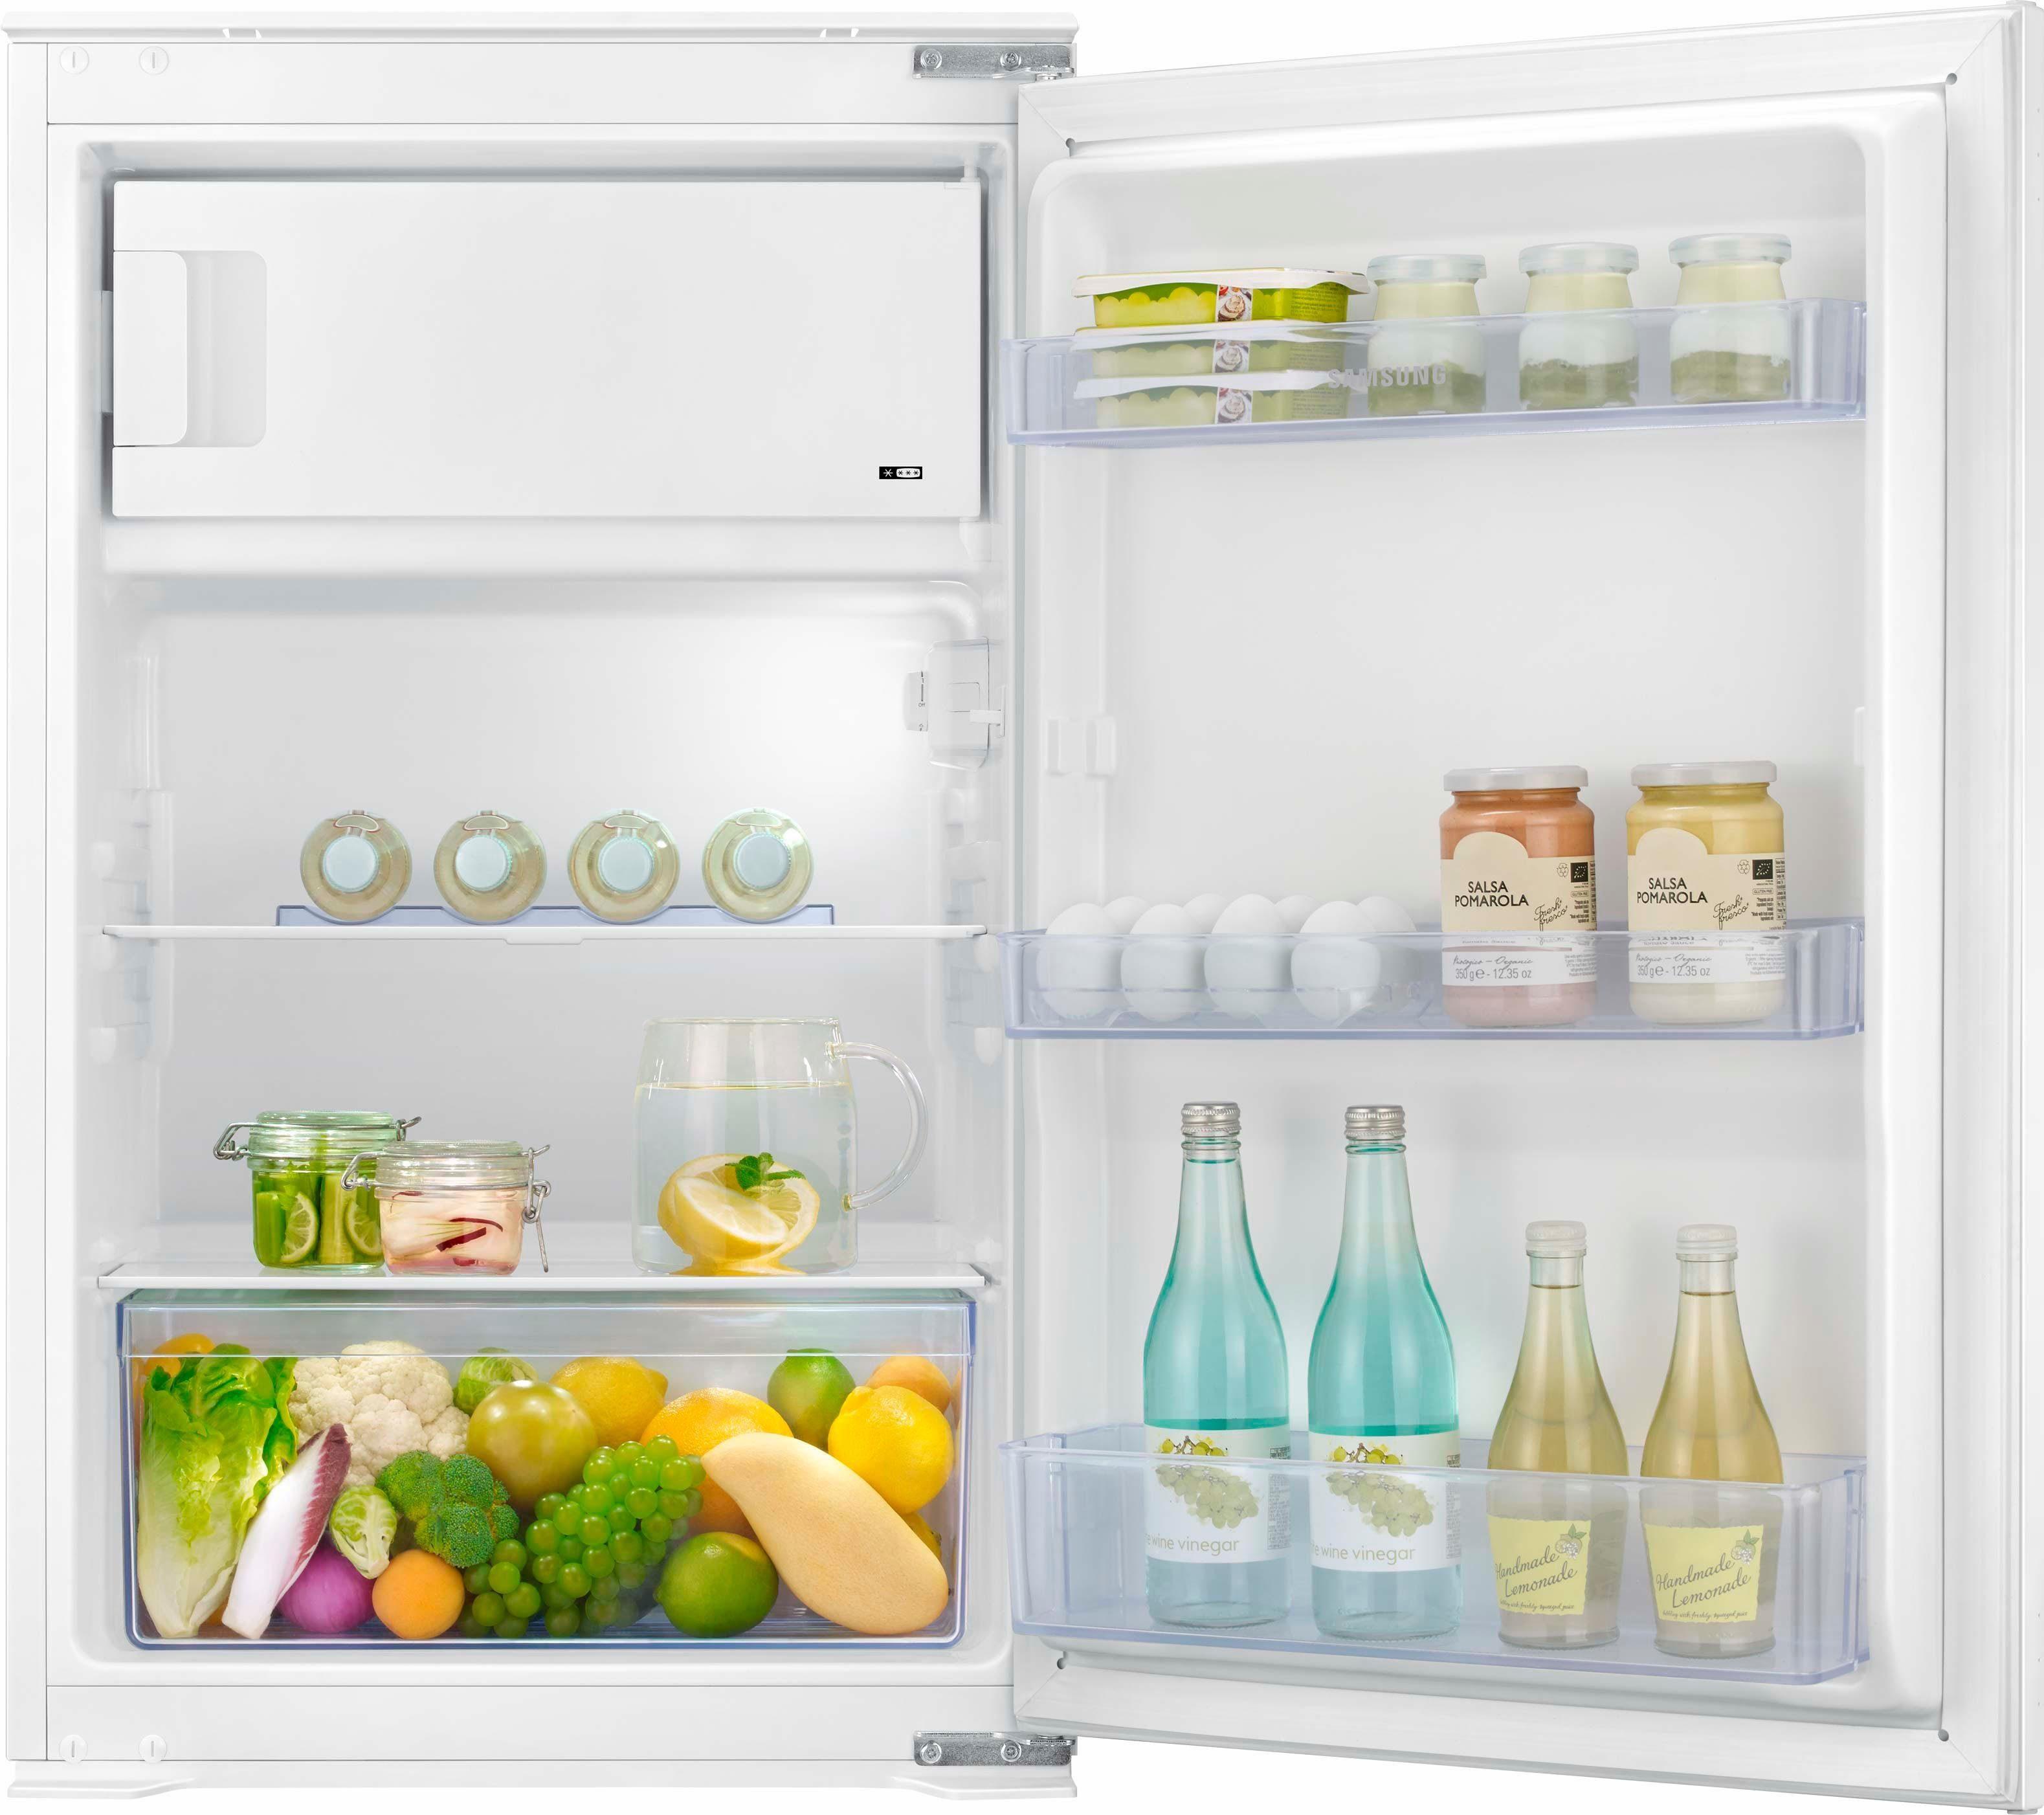 Samsung Einbaukühlschrank BRR12M001WW/EG, 87,1 cm hoch, 54,0 cm breit, integrierbar